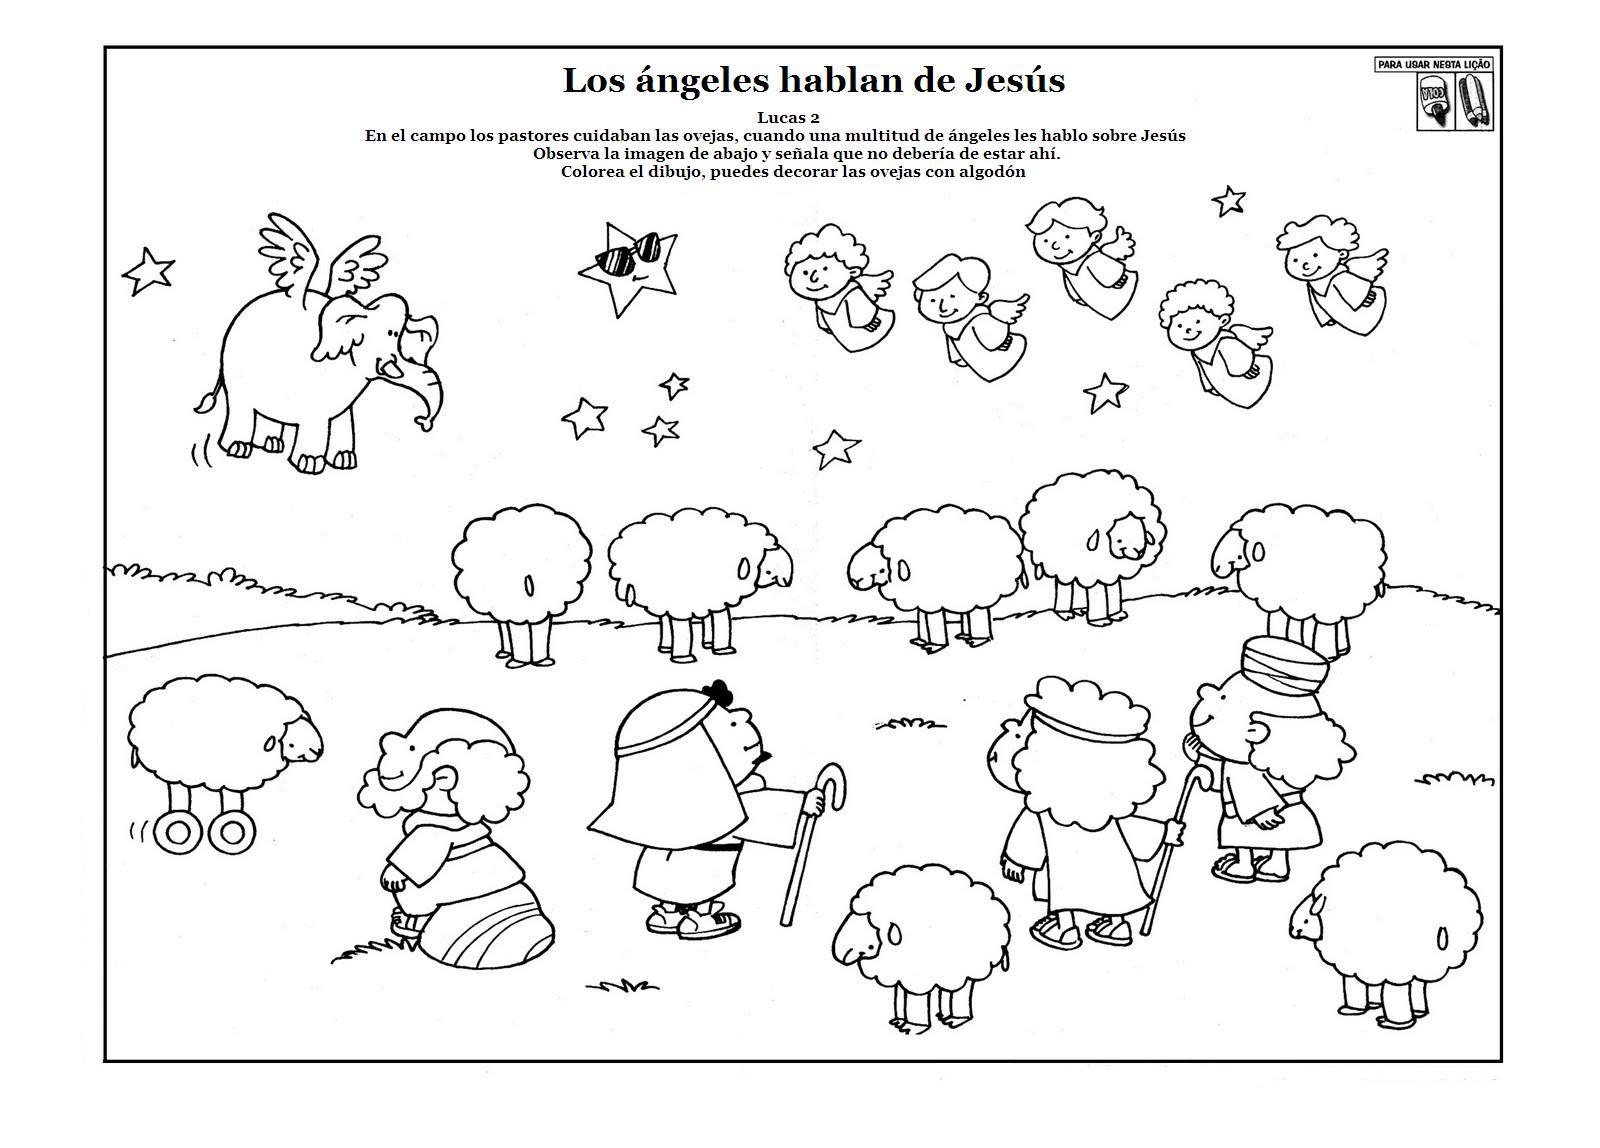 El Angel Que Anuncio El Nacimiento De Jesús A Los Pastores